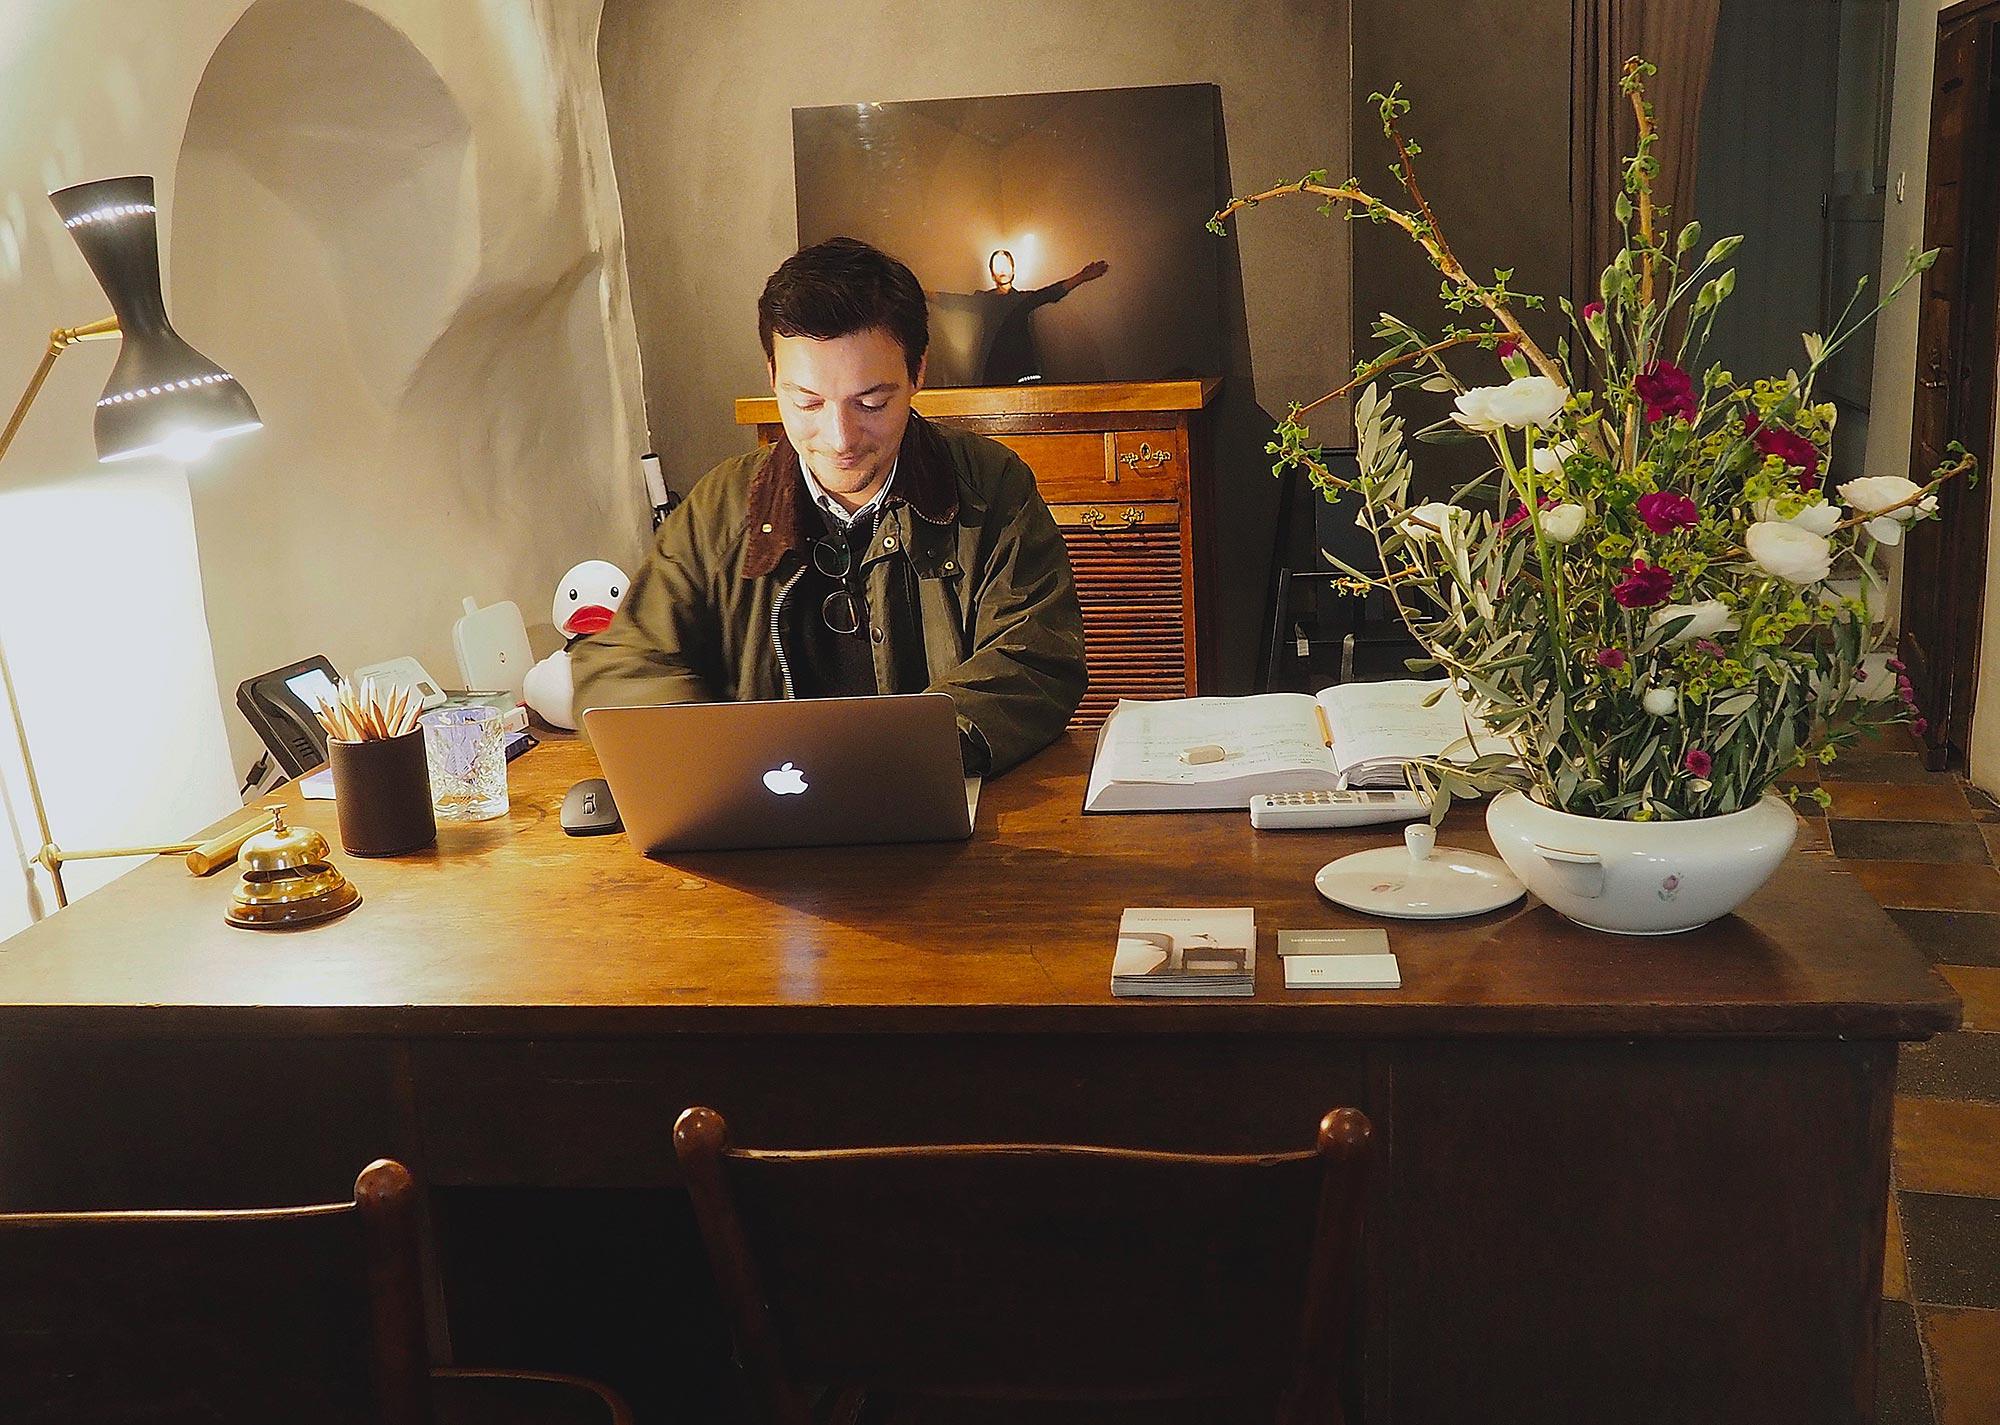 Der Besitzer Klaus verrät mir, dass man hier nur einen einfachen Espresso bestellt